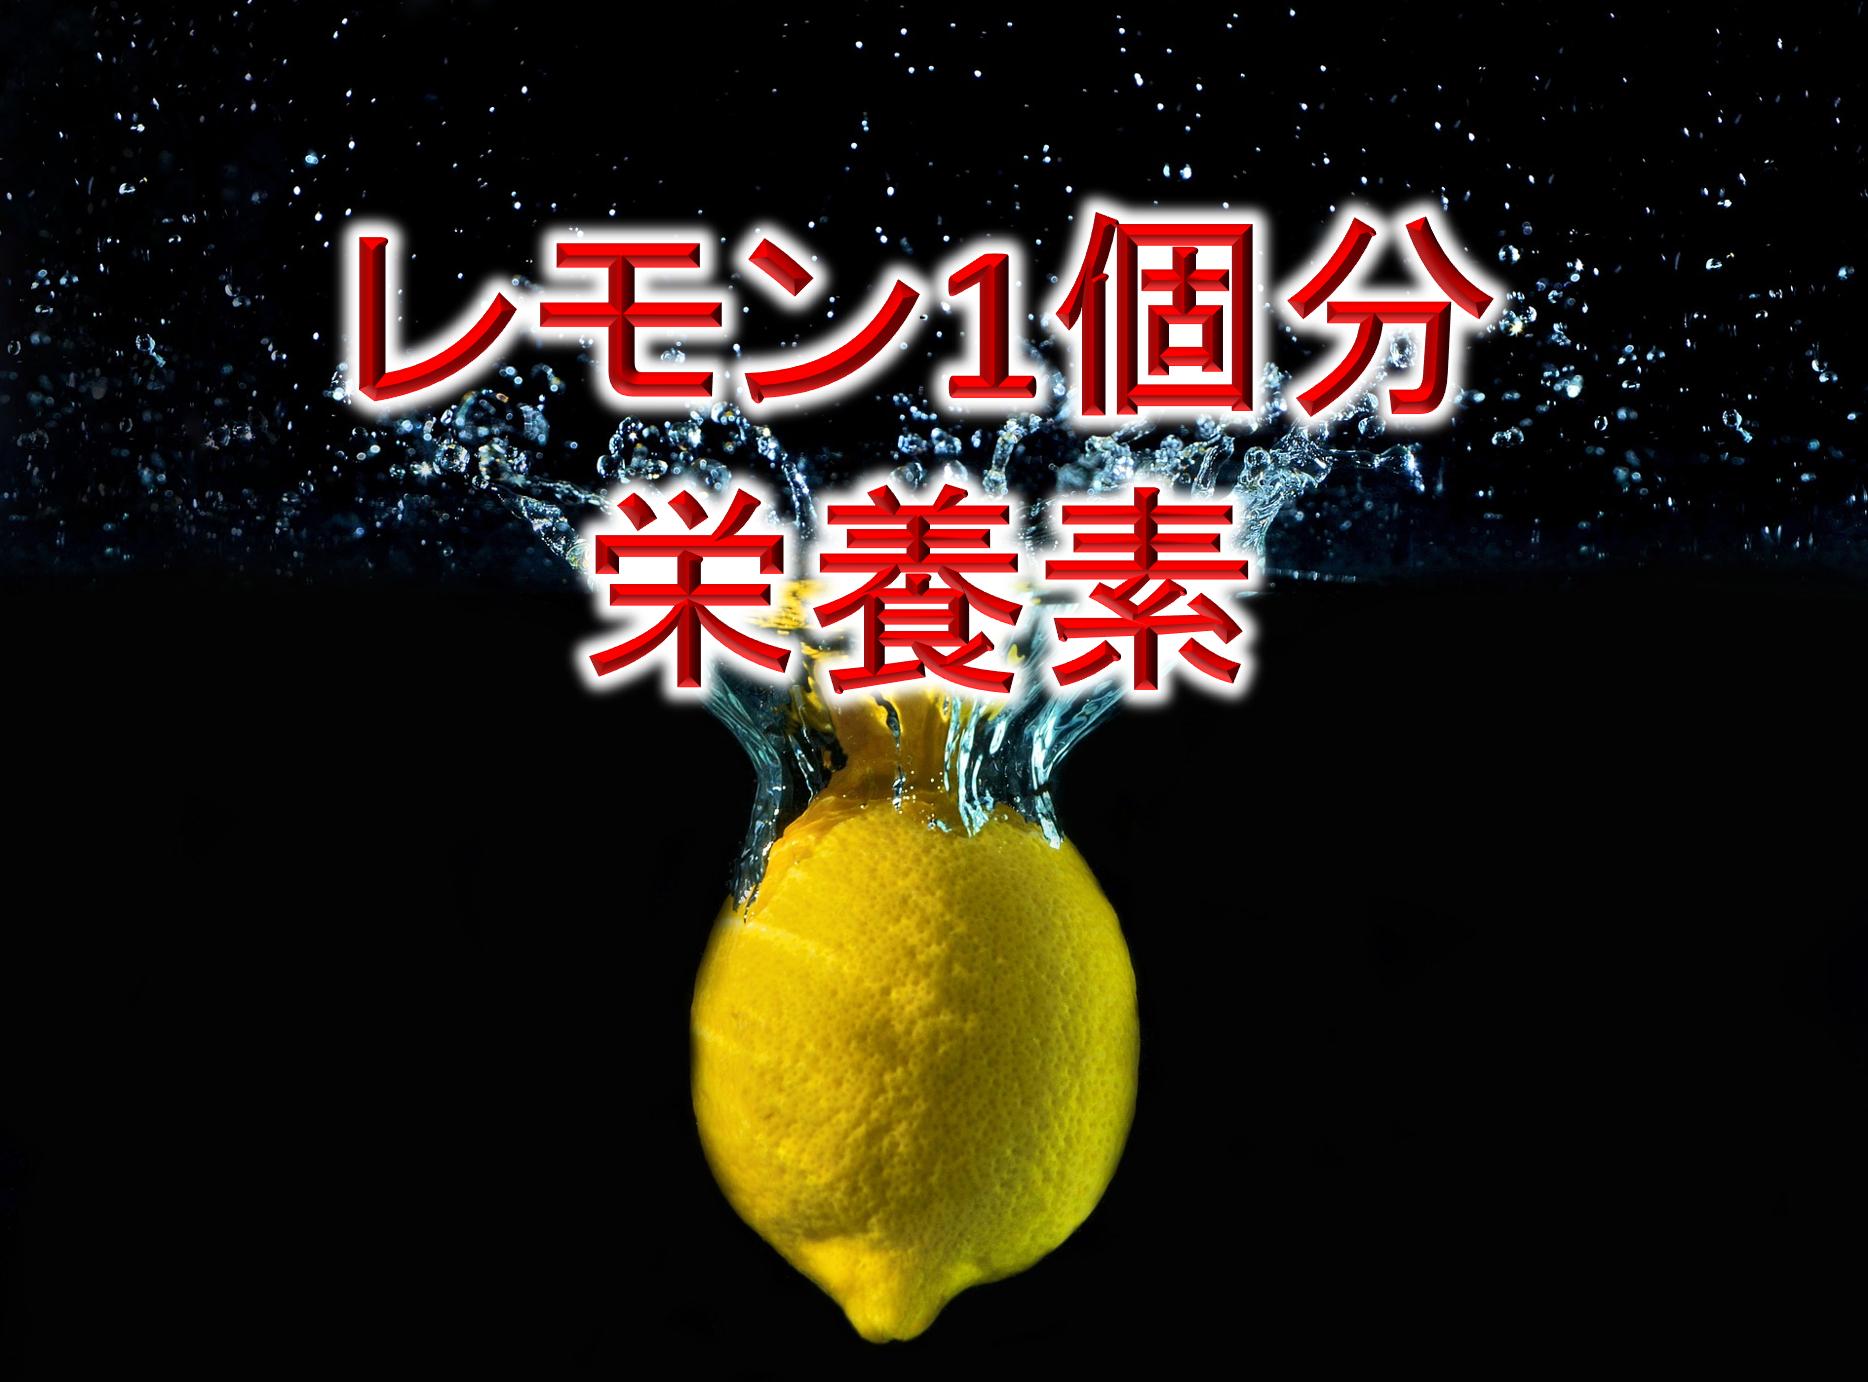 レモン1個分栄養素